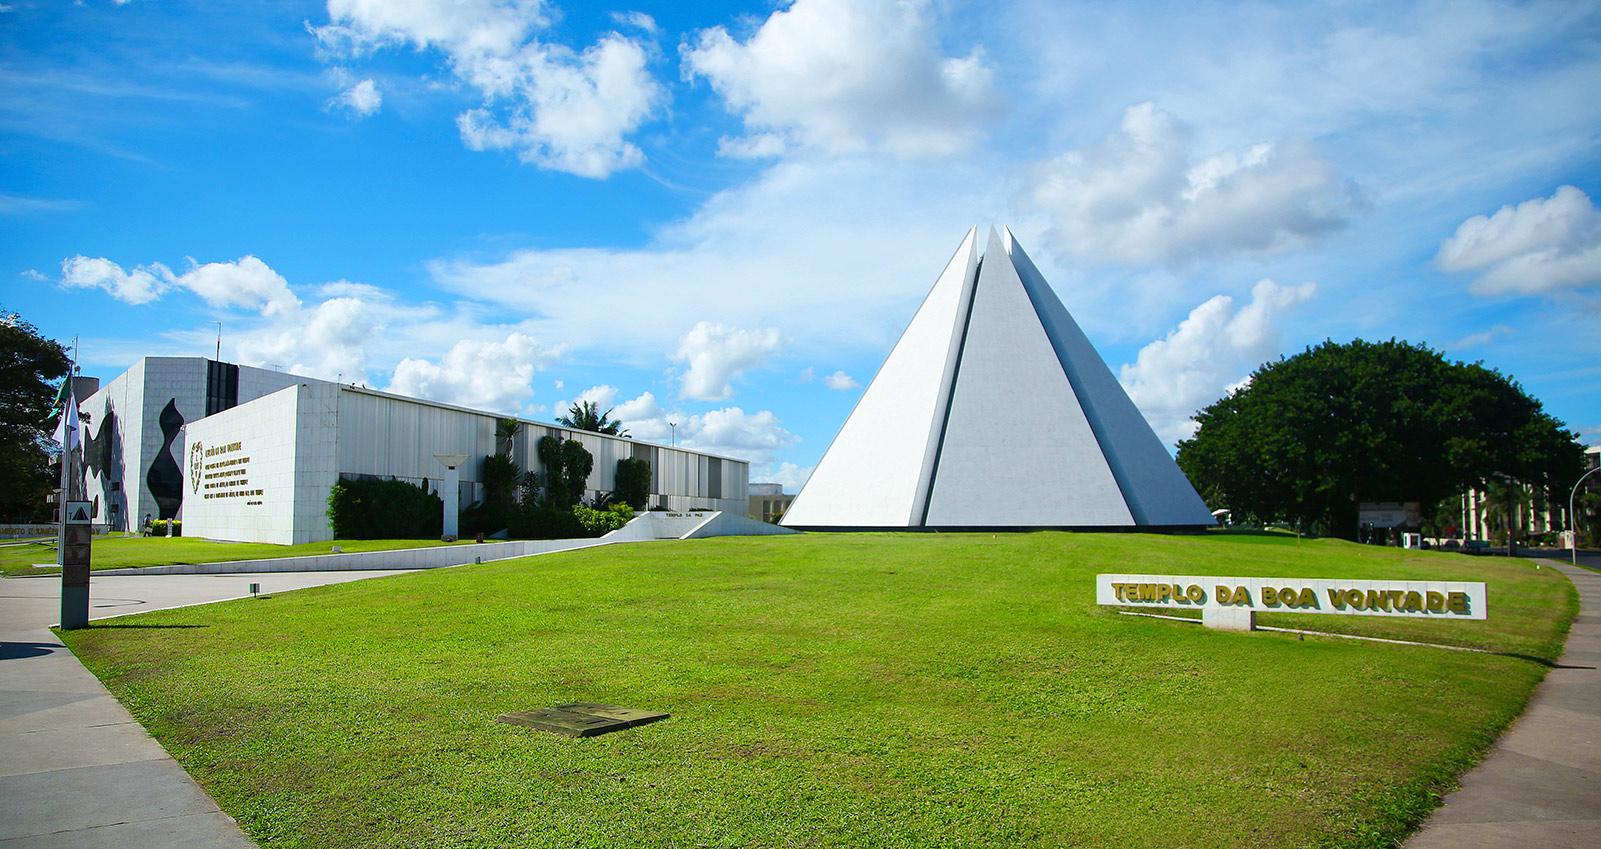 La Templo de Bona Volo situas ĉe SGAS, 915 Sul, en Braziljo, ĉefurbo de Brazilo.